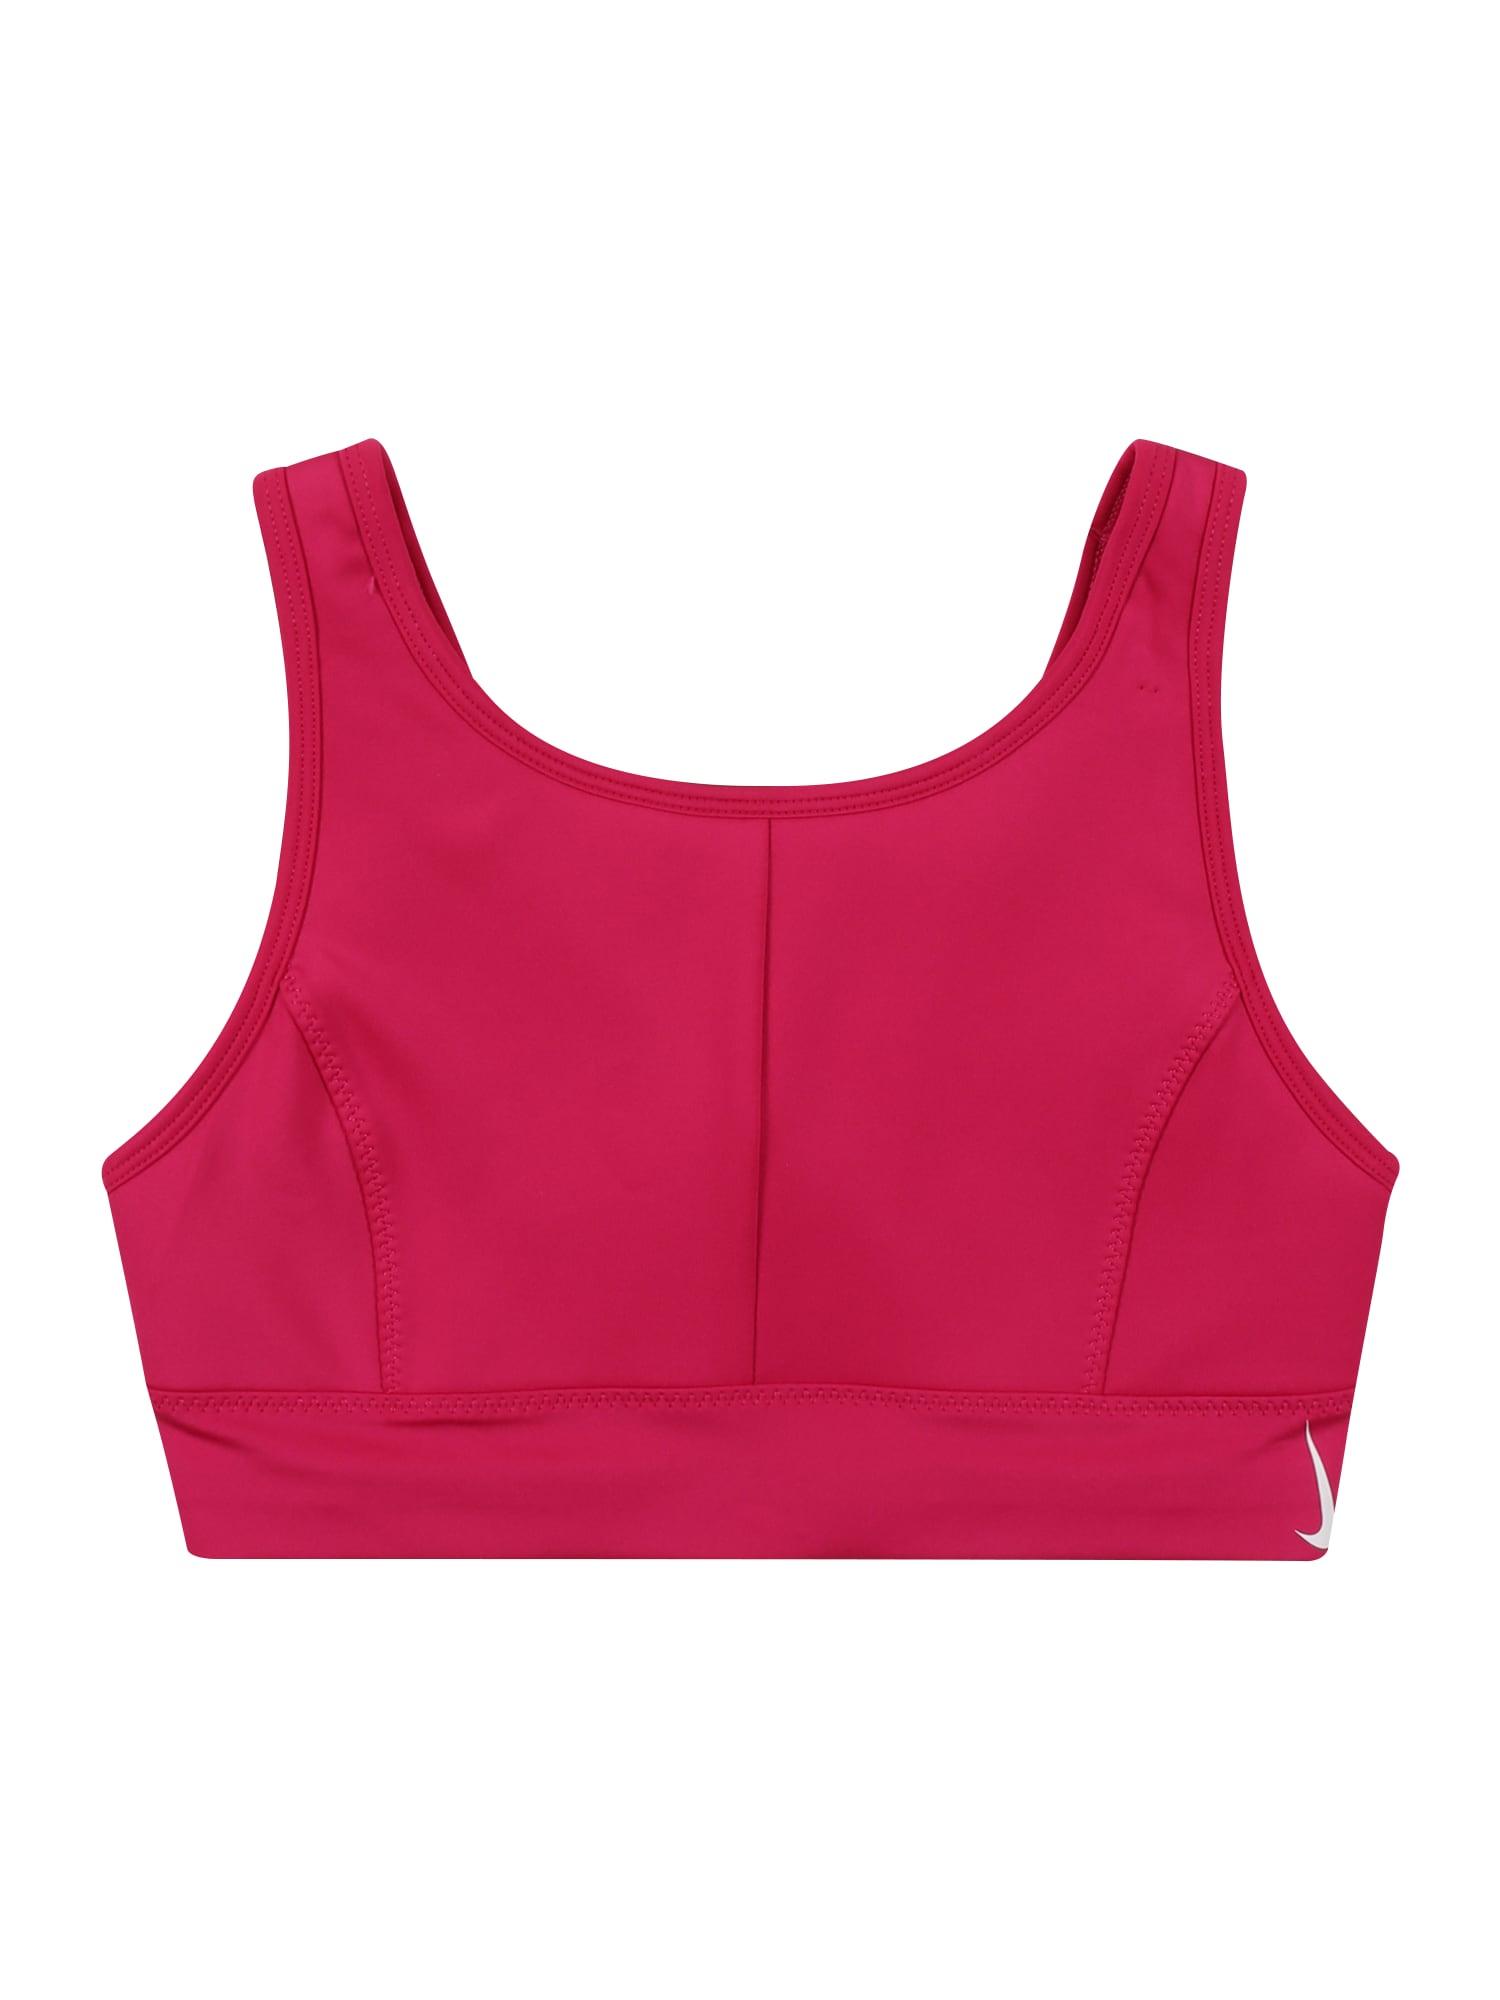 NIKE Sportinio stiliaus apatiniai drabužiai uogų spalva